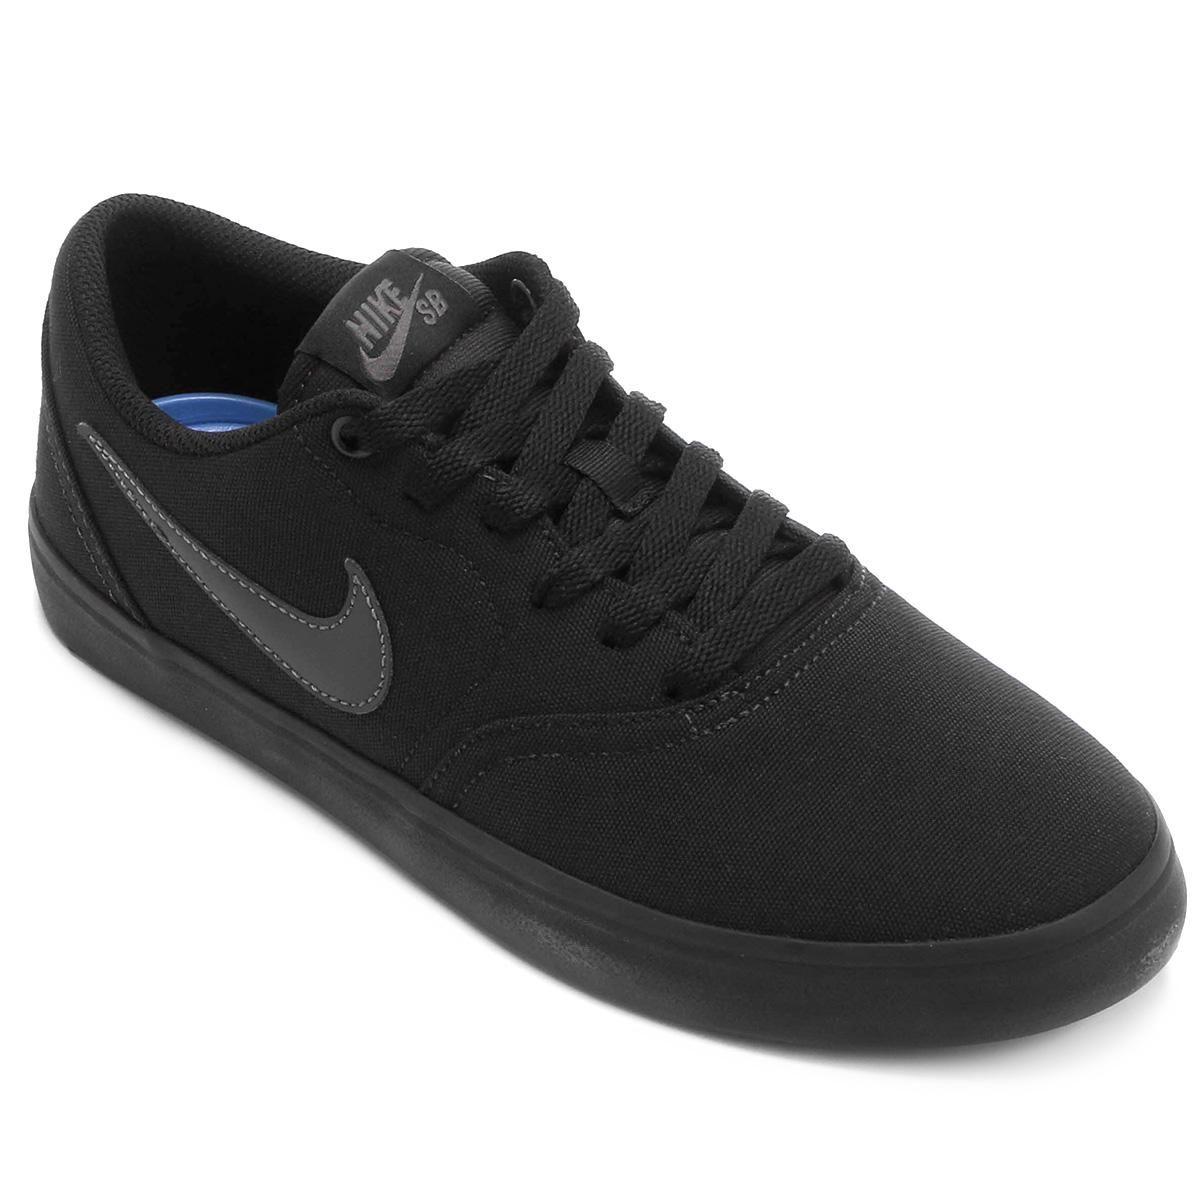 Tenis Nike Sb Check Solar Cnvs Netshoes Tenis Nike Sb Check Nike Tenis Nike